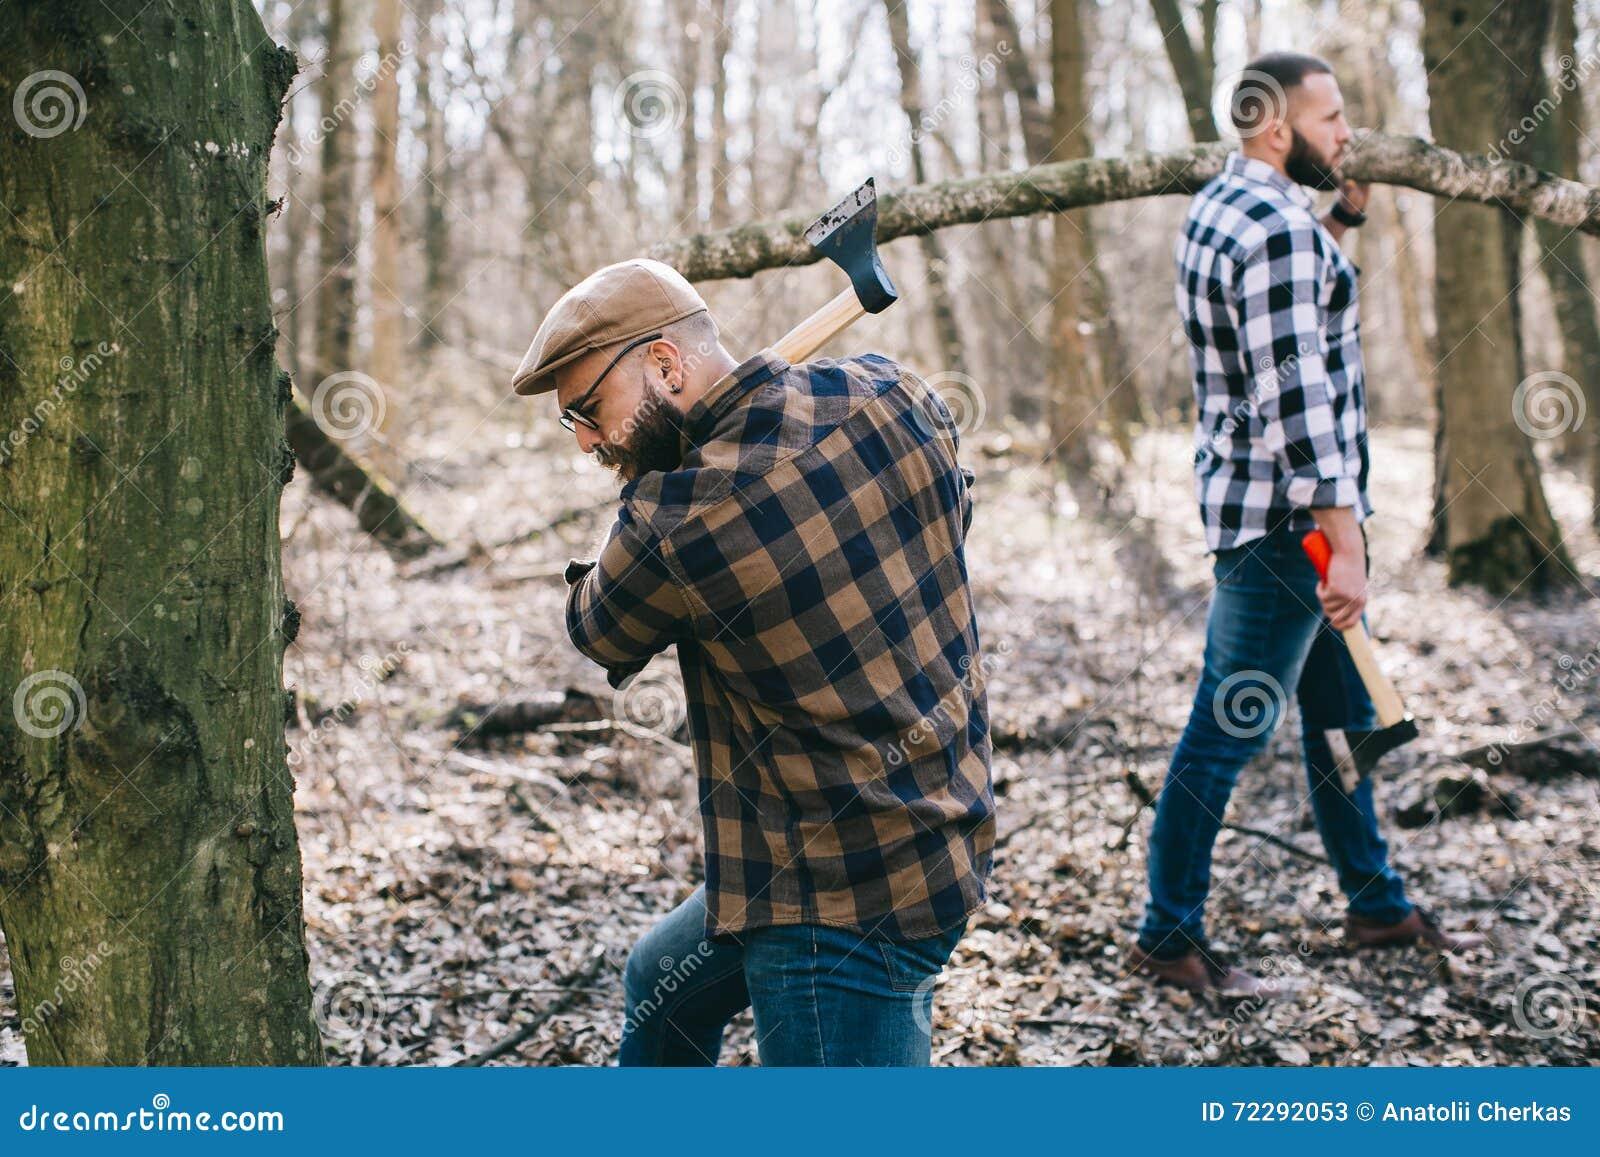 Download Сильный Lumberjack прерывая древесину Стоковое Изображение - изображение насчитывающей трудолюбиво, ванта: 72292053